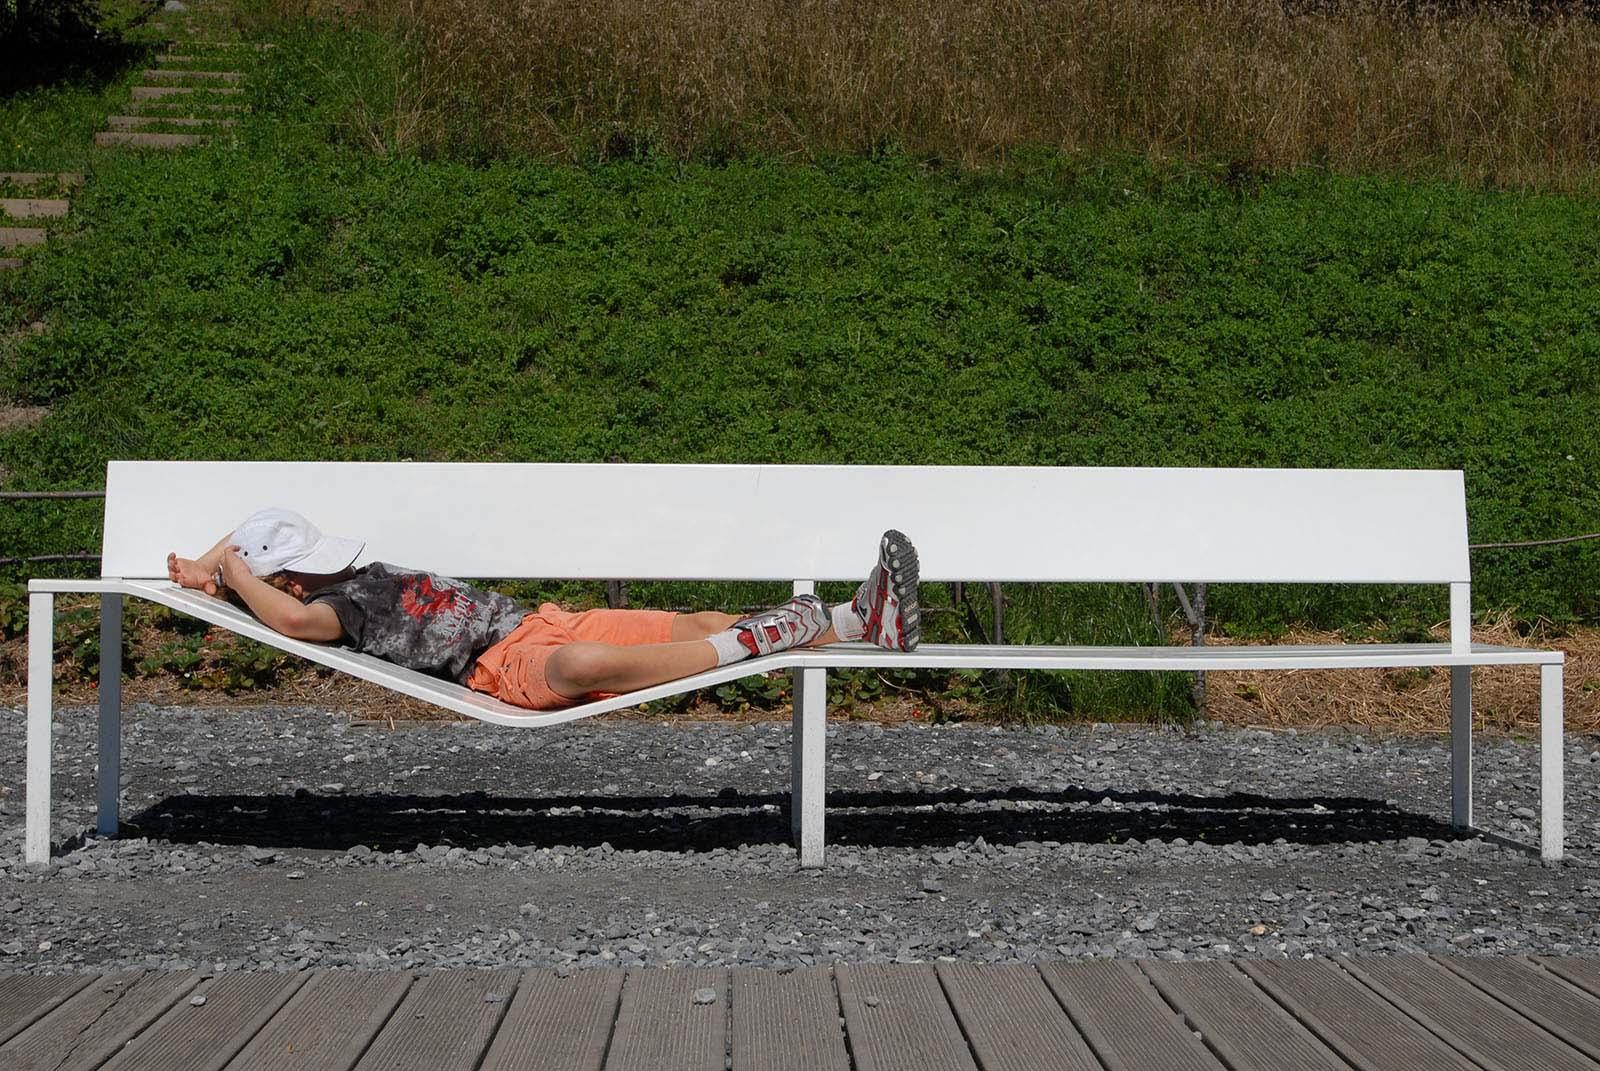 banc public_soft bench_TF_Lucile Soufflet_6